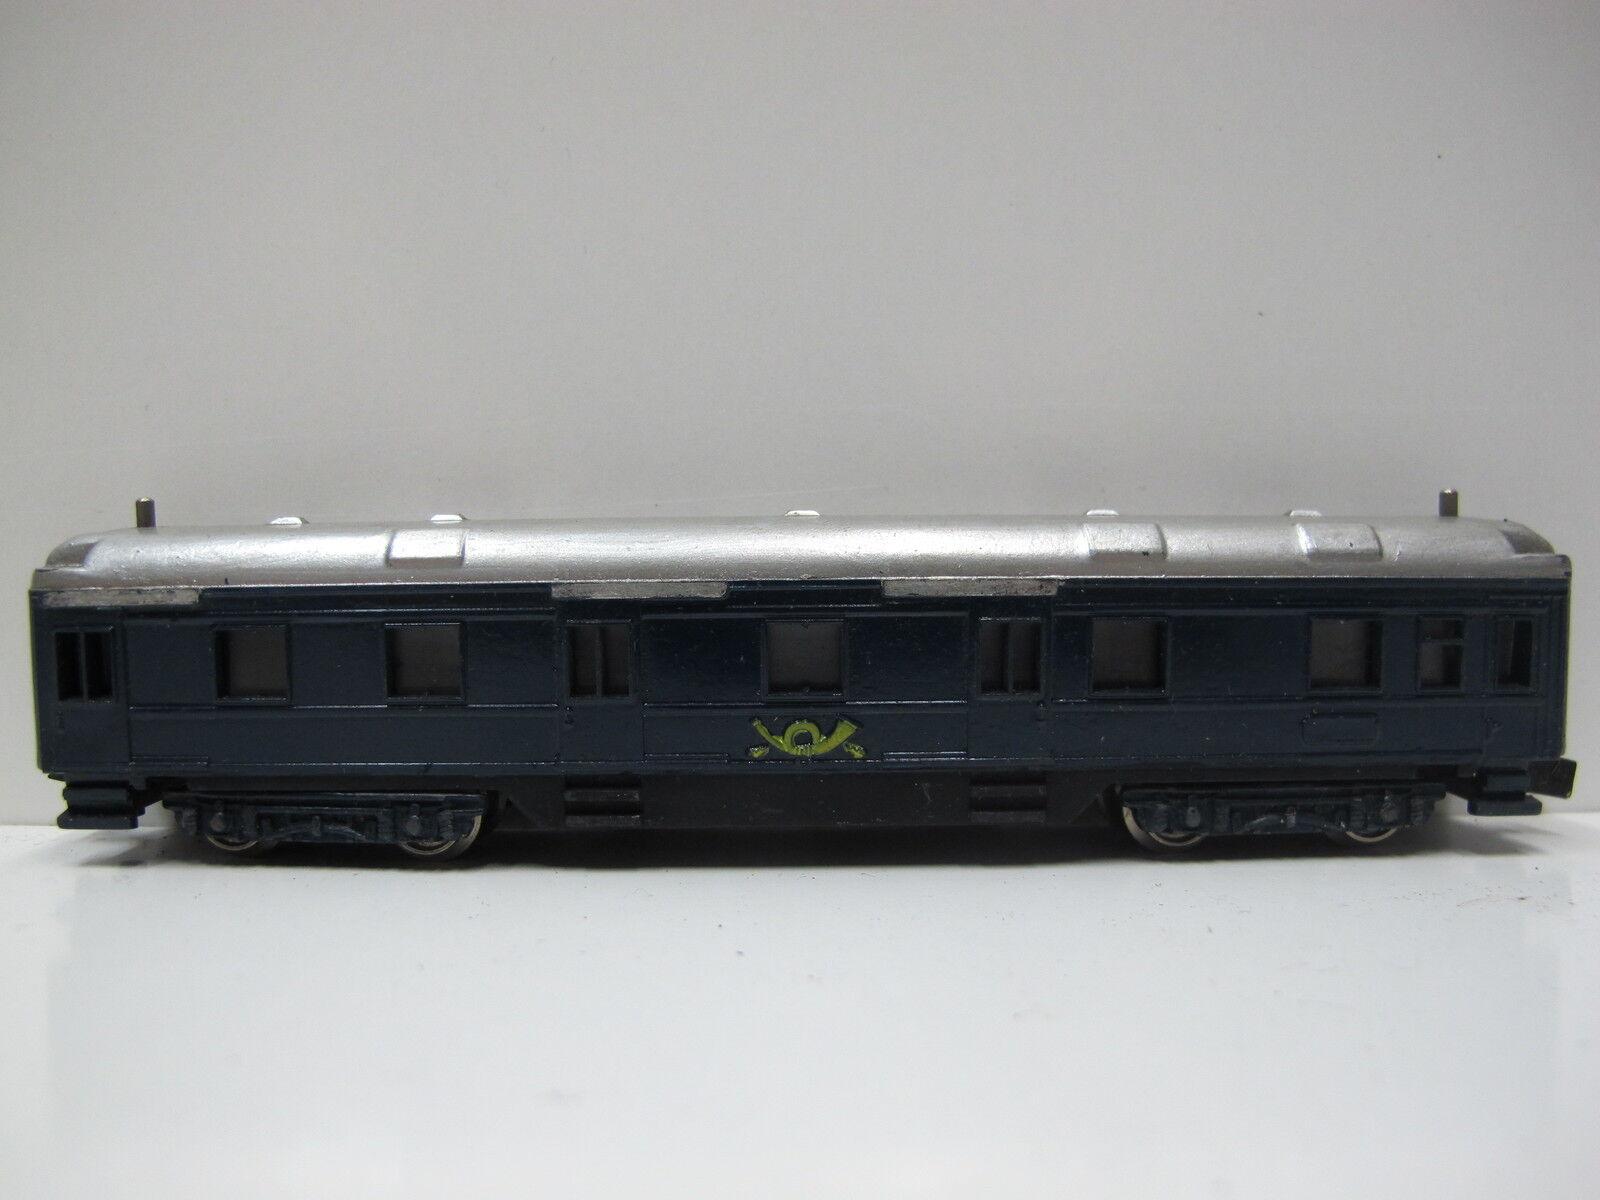 Rokal Geruomoia Ferrovia treno modellololololo Vintage 1960  circa Giocattolo 101  risparmia fino al 70%